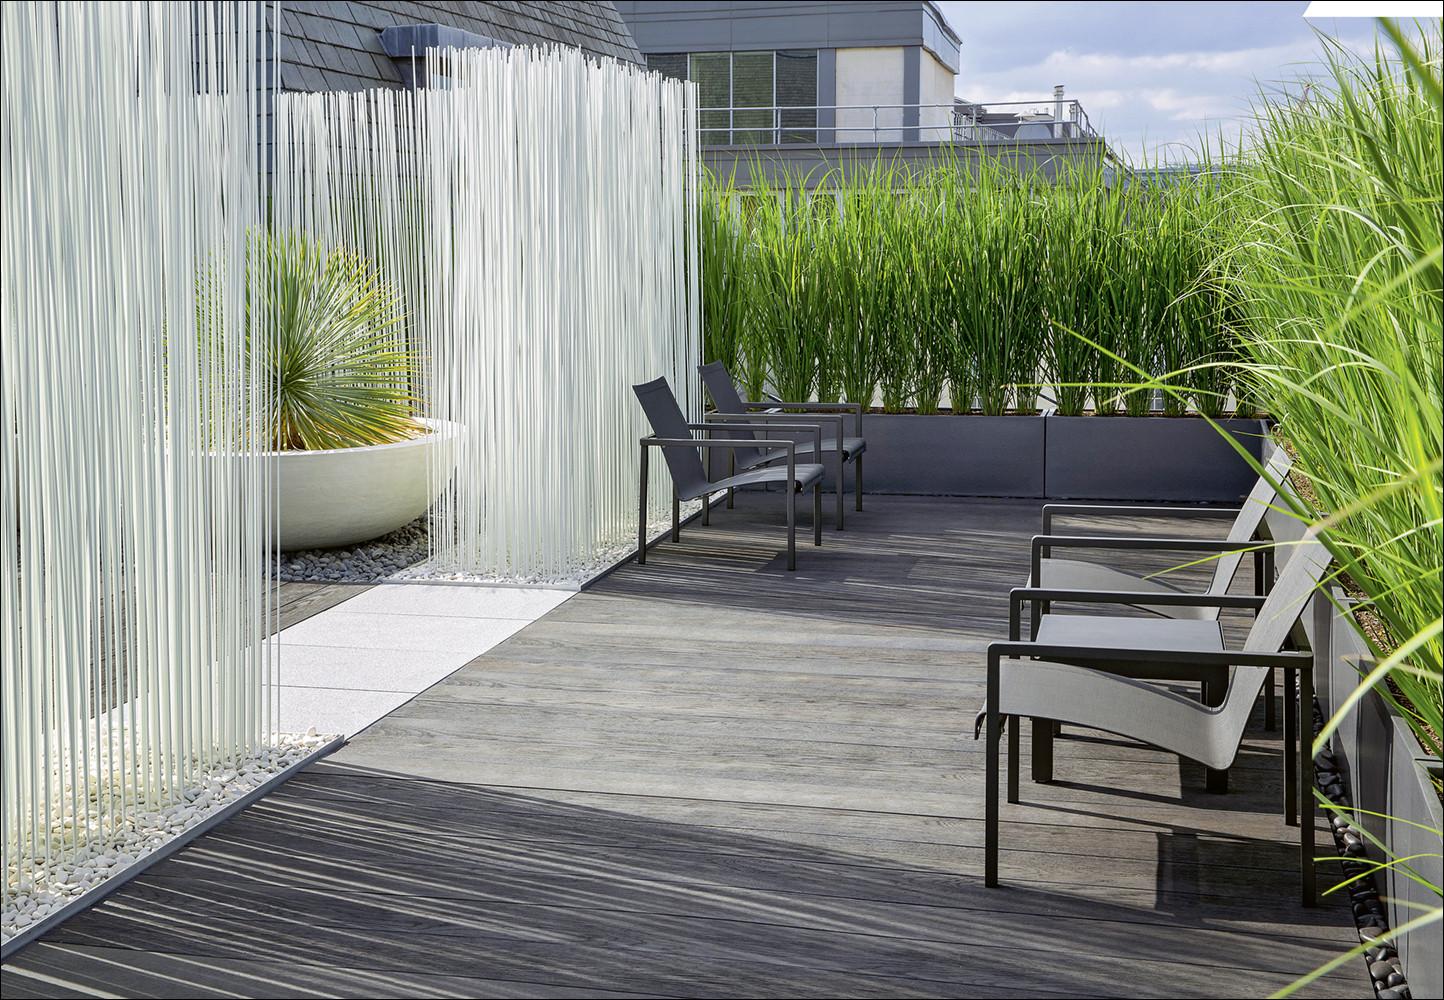 Sichtschutz Im Garten  Sichtschutz und Raumteiler im Garten